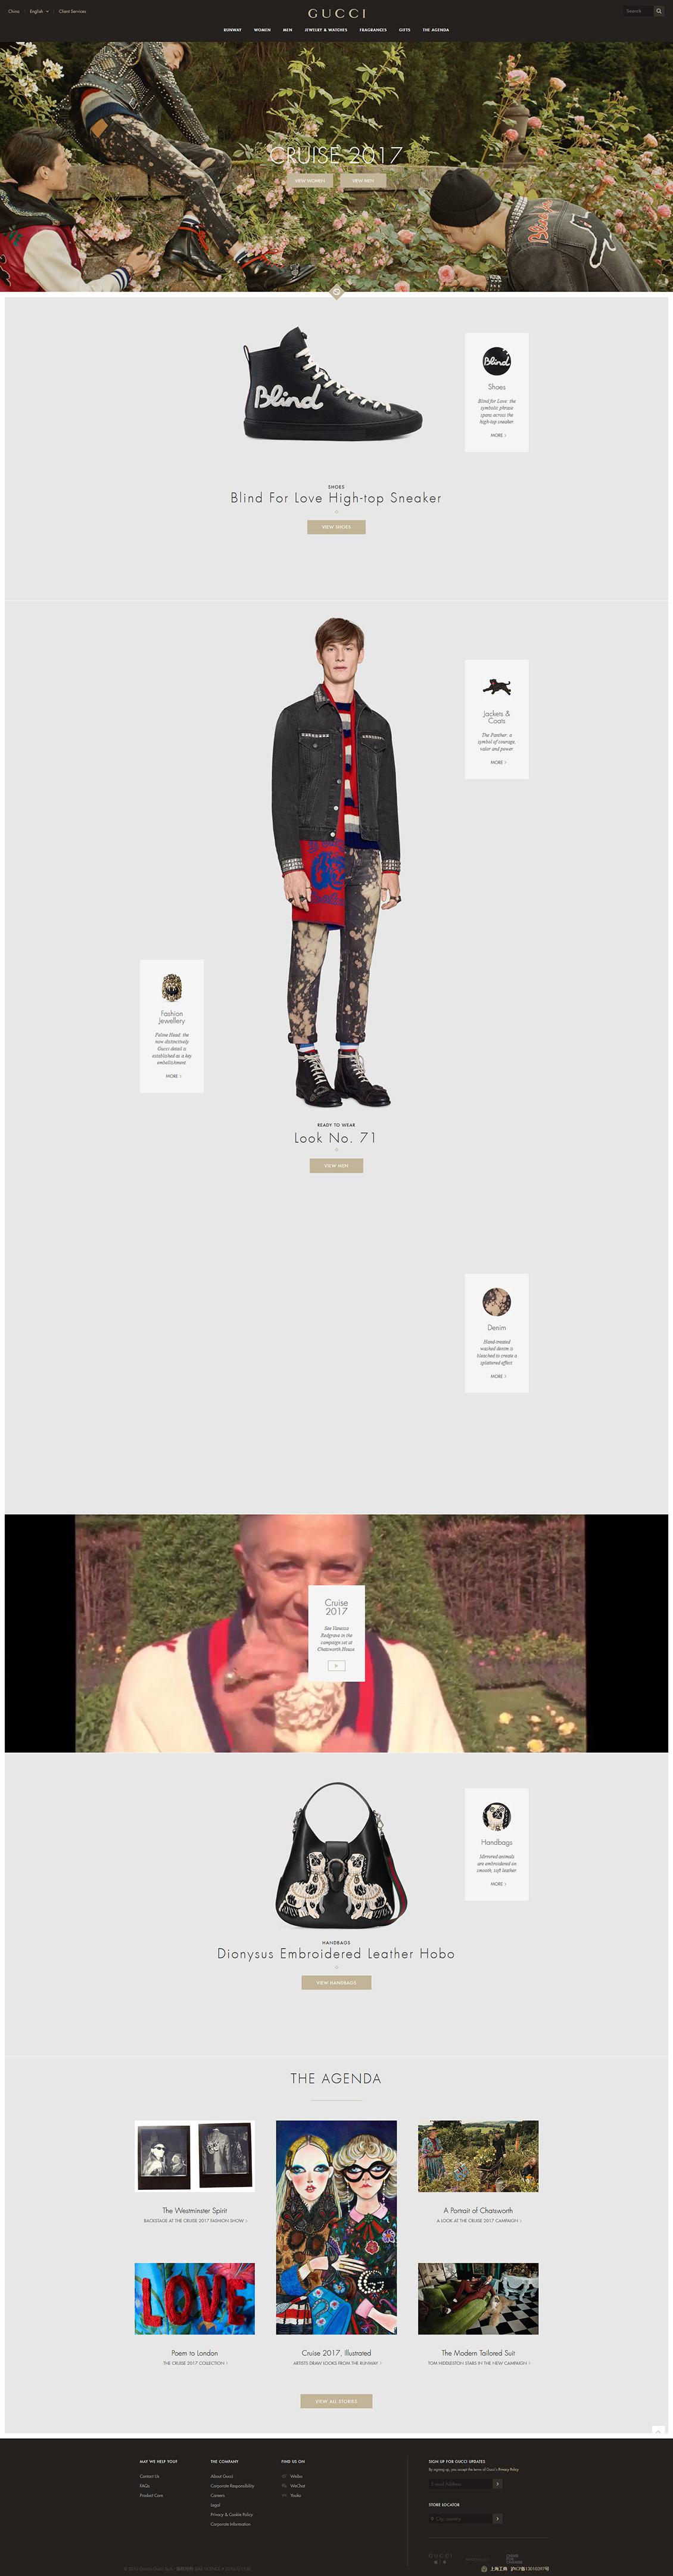 国外Gucci高端奢侈品网站设计欣赏